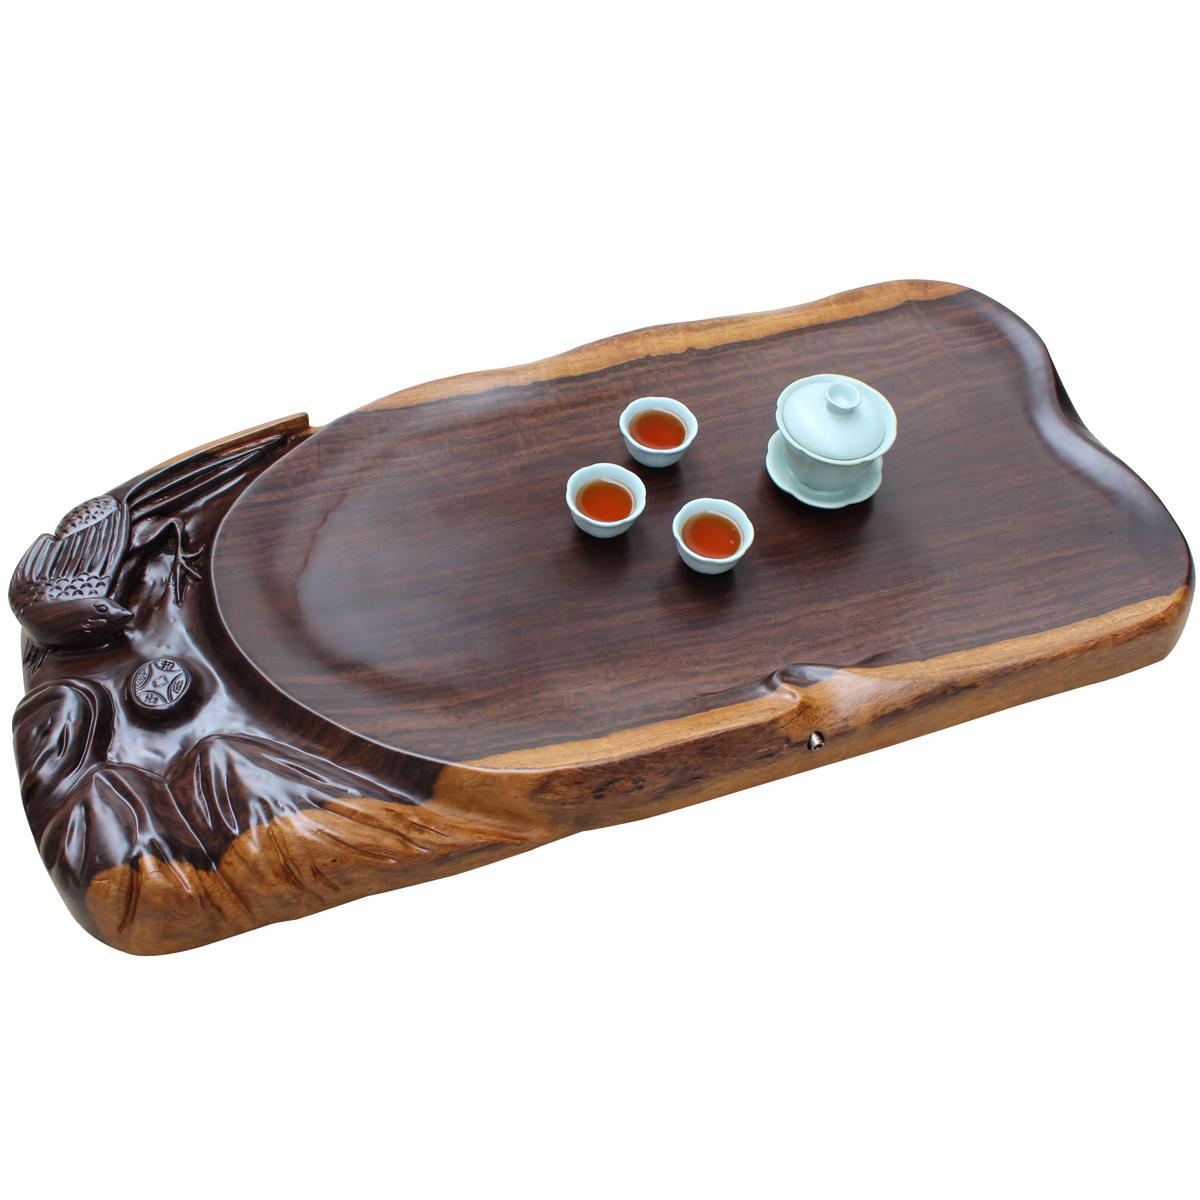 黑檀实木茶盘整块木料大板茶海茶具茶道大号茶盘喜在眼前商品图片价格